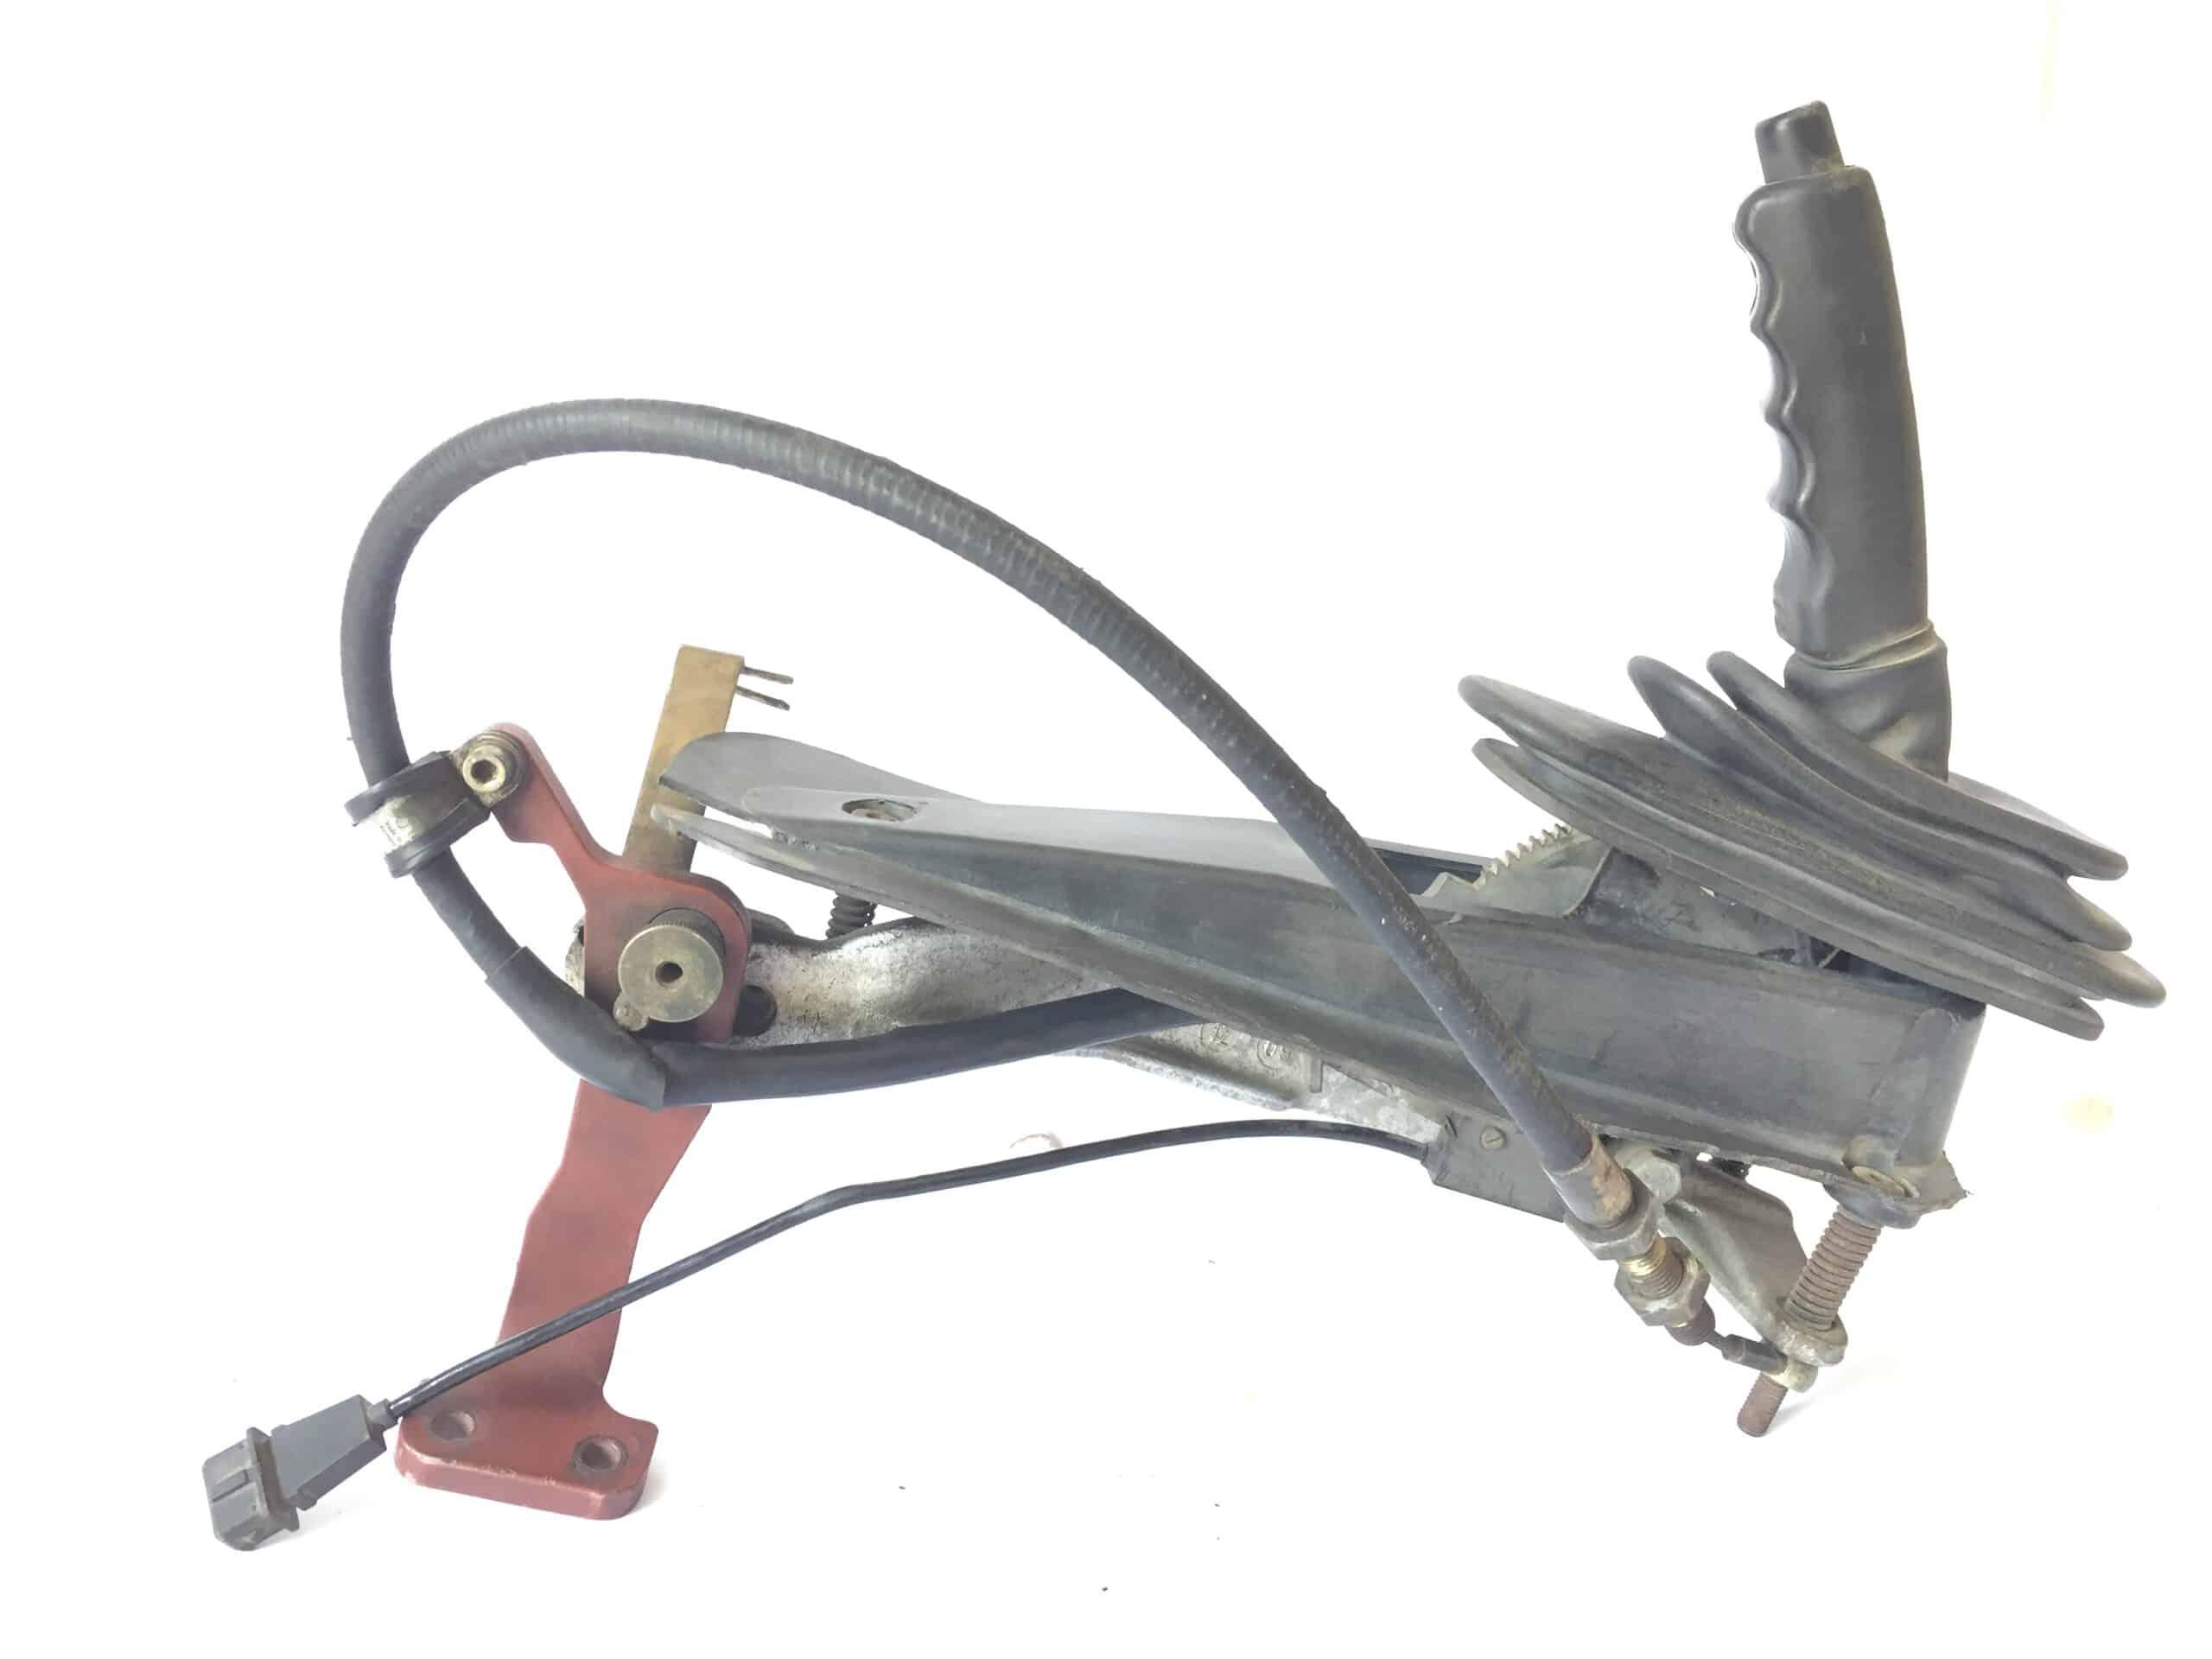 | Hand brake lever assy. | Fazl-e-Rasheed and Company October 2021